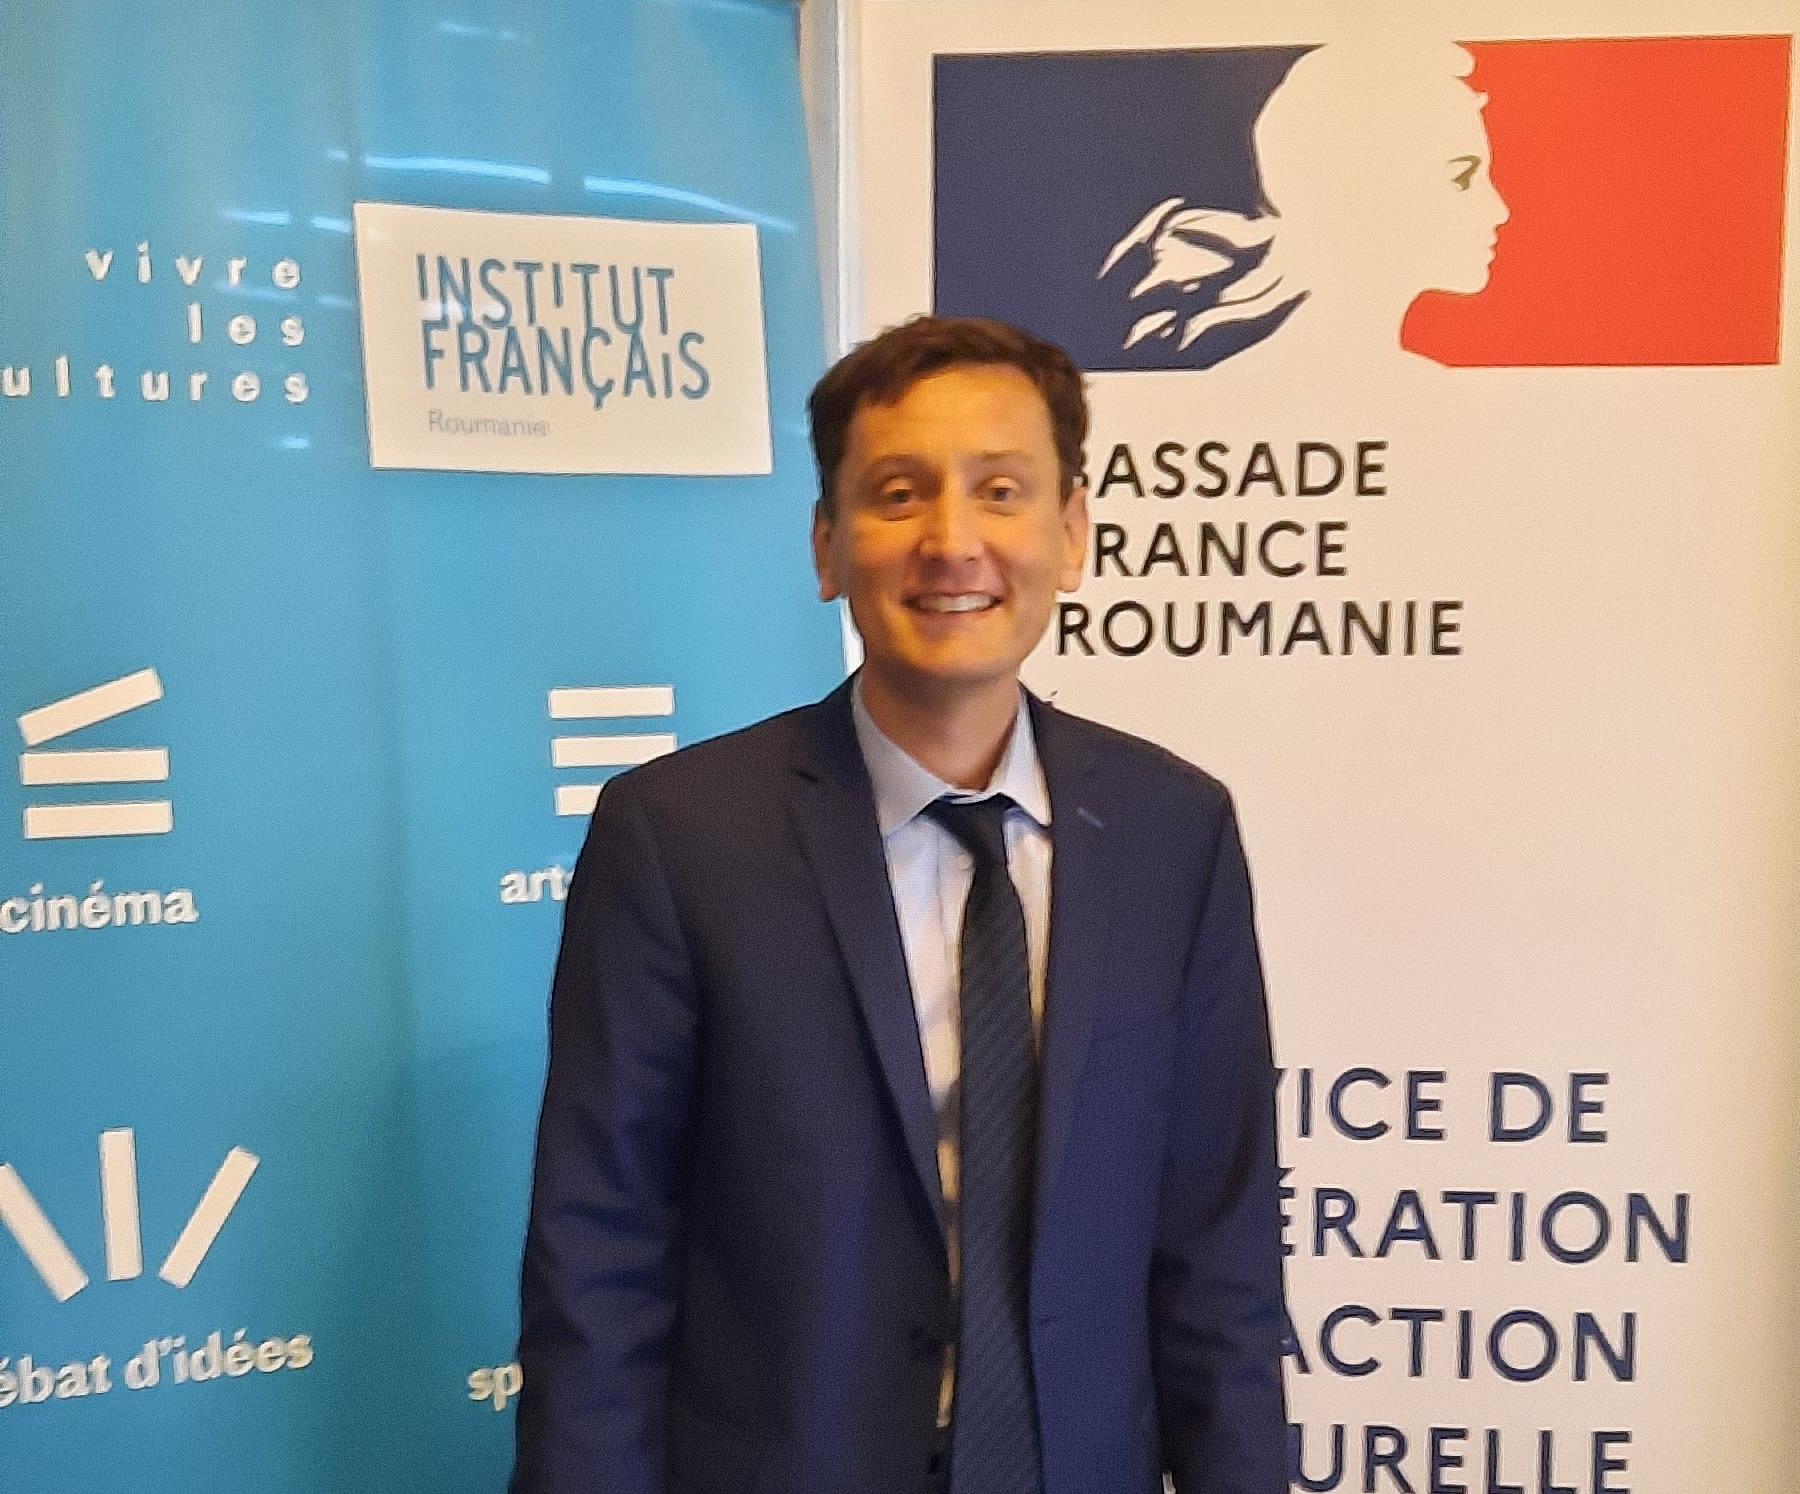 Joseph Giustiniani - Atașat de cooperare la Ambasada Franței în România și Director adjunct al Institutului Francez în România